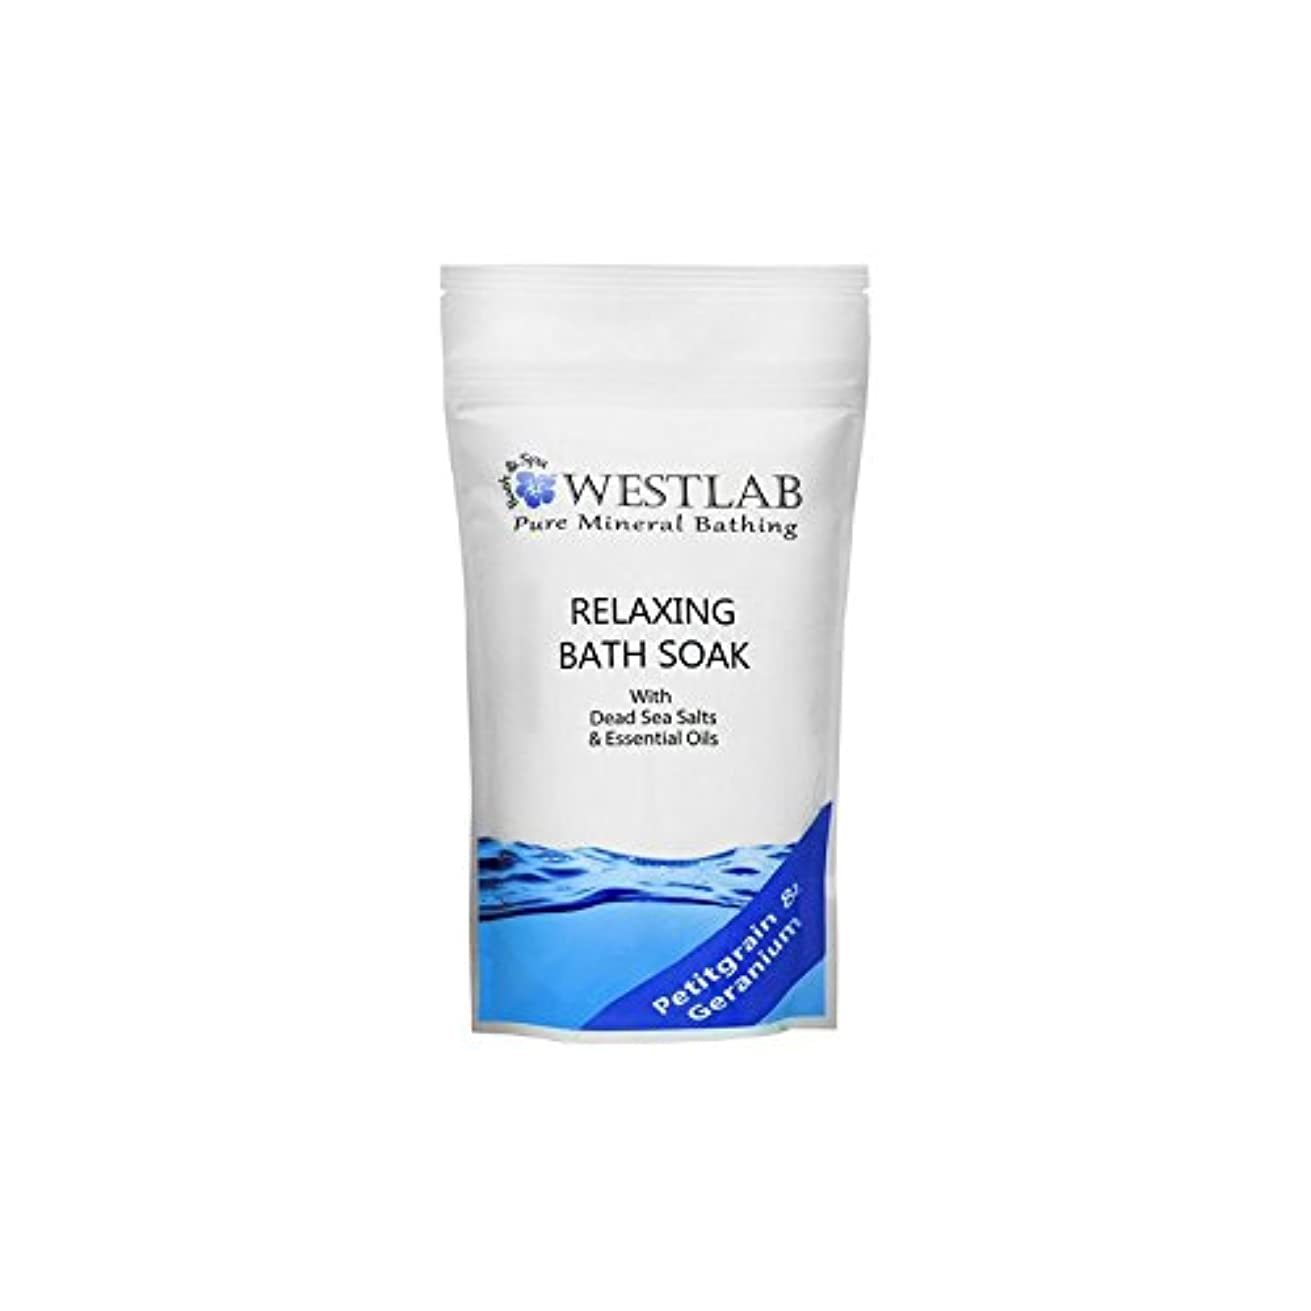 世界記録のギネスブック人工的な問題Westlab Relax Dead Sea Salt Bath Soak (500g) (Pack of 6) - 死海の塩浴浸漬(500グラム)をリラックス x6 [並行輸入品]